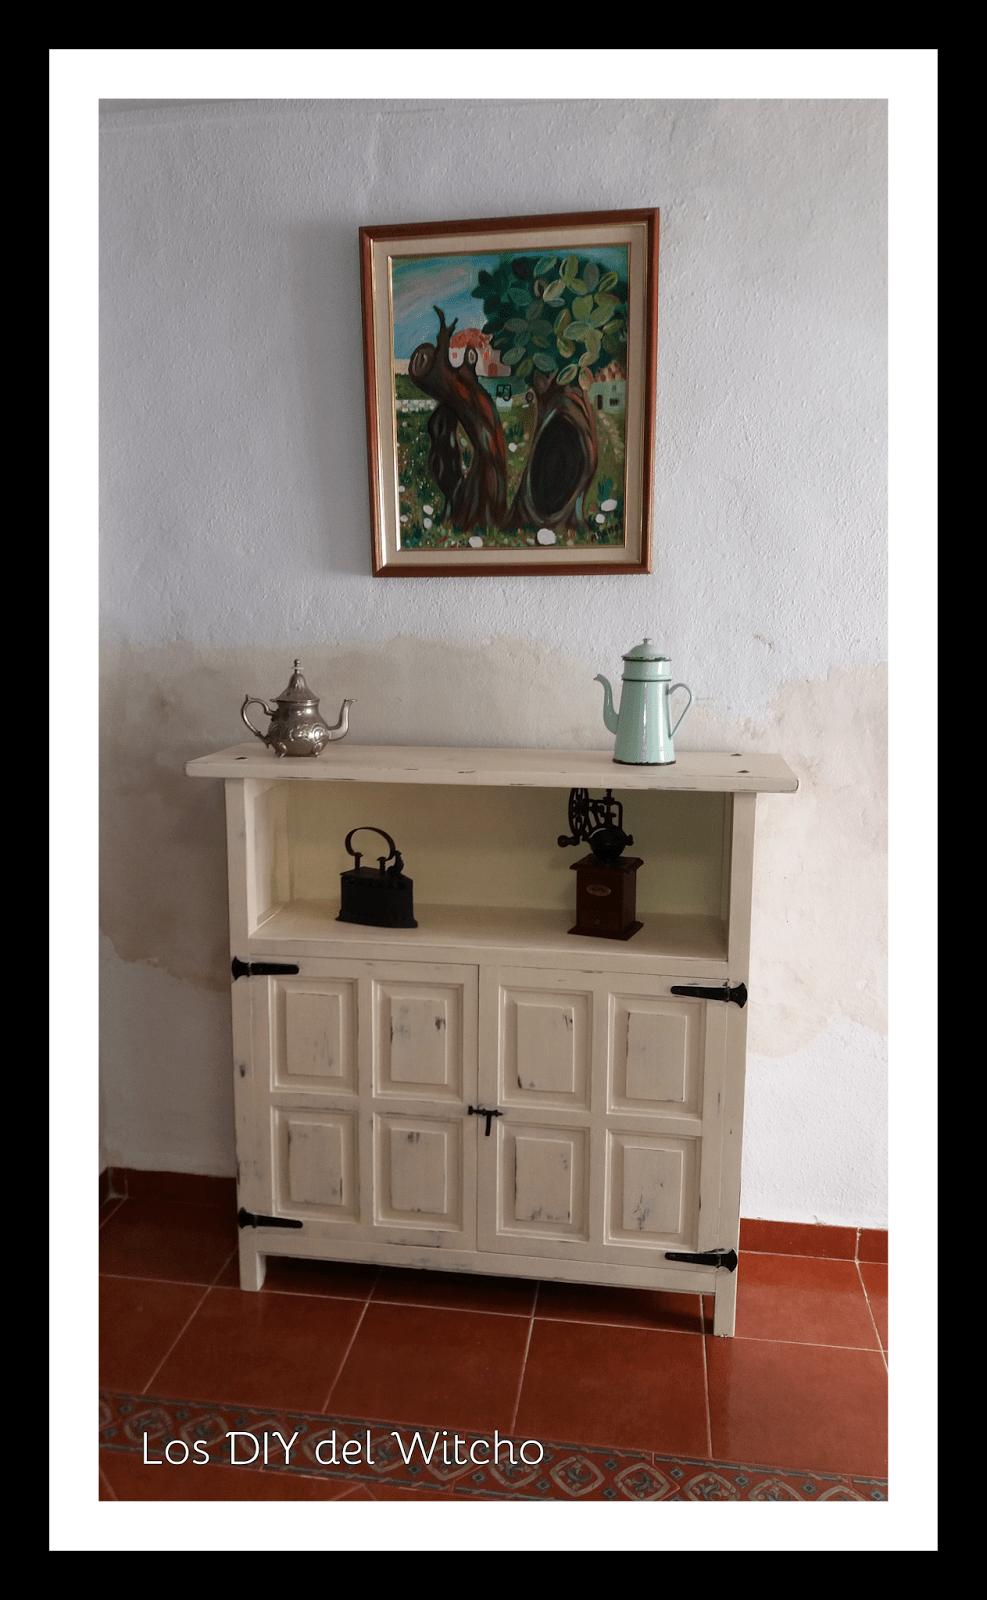 Restauración de mueble castellano http://blgs.co/71320u ...